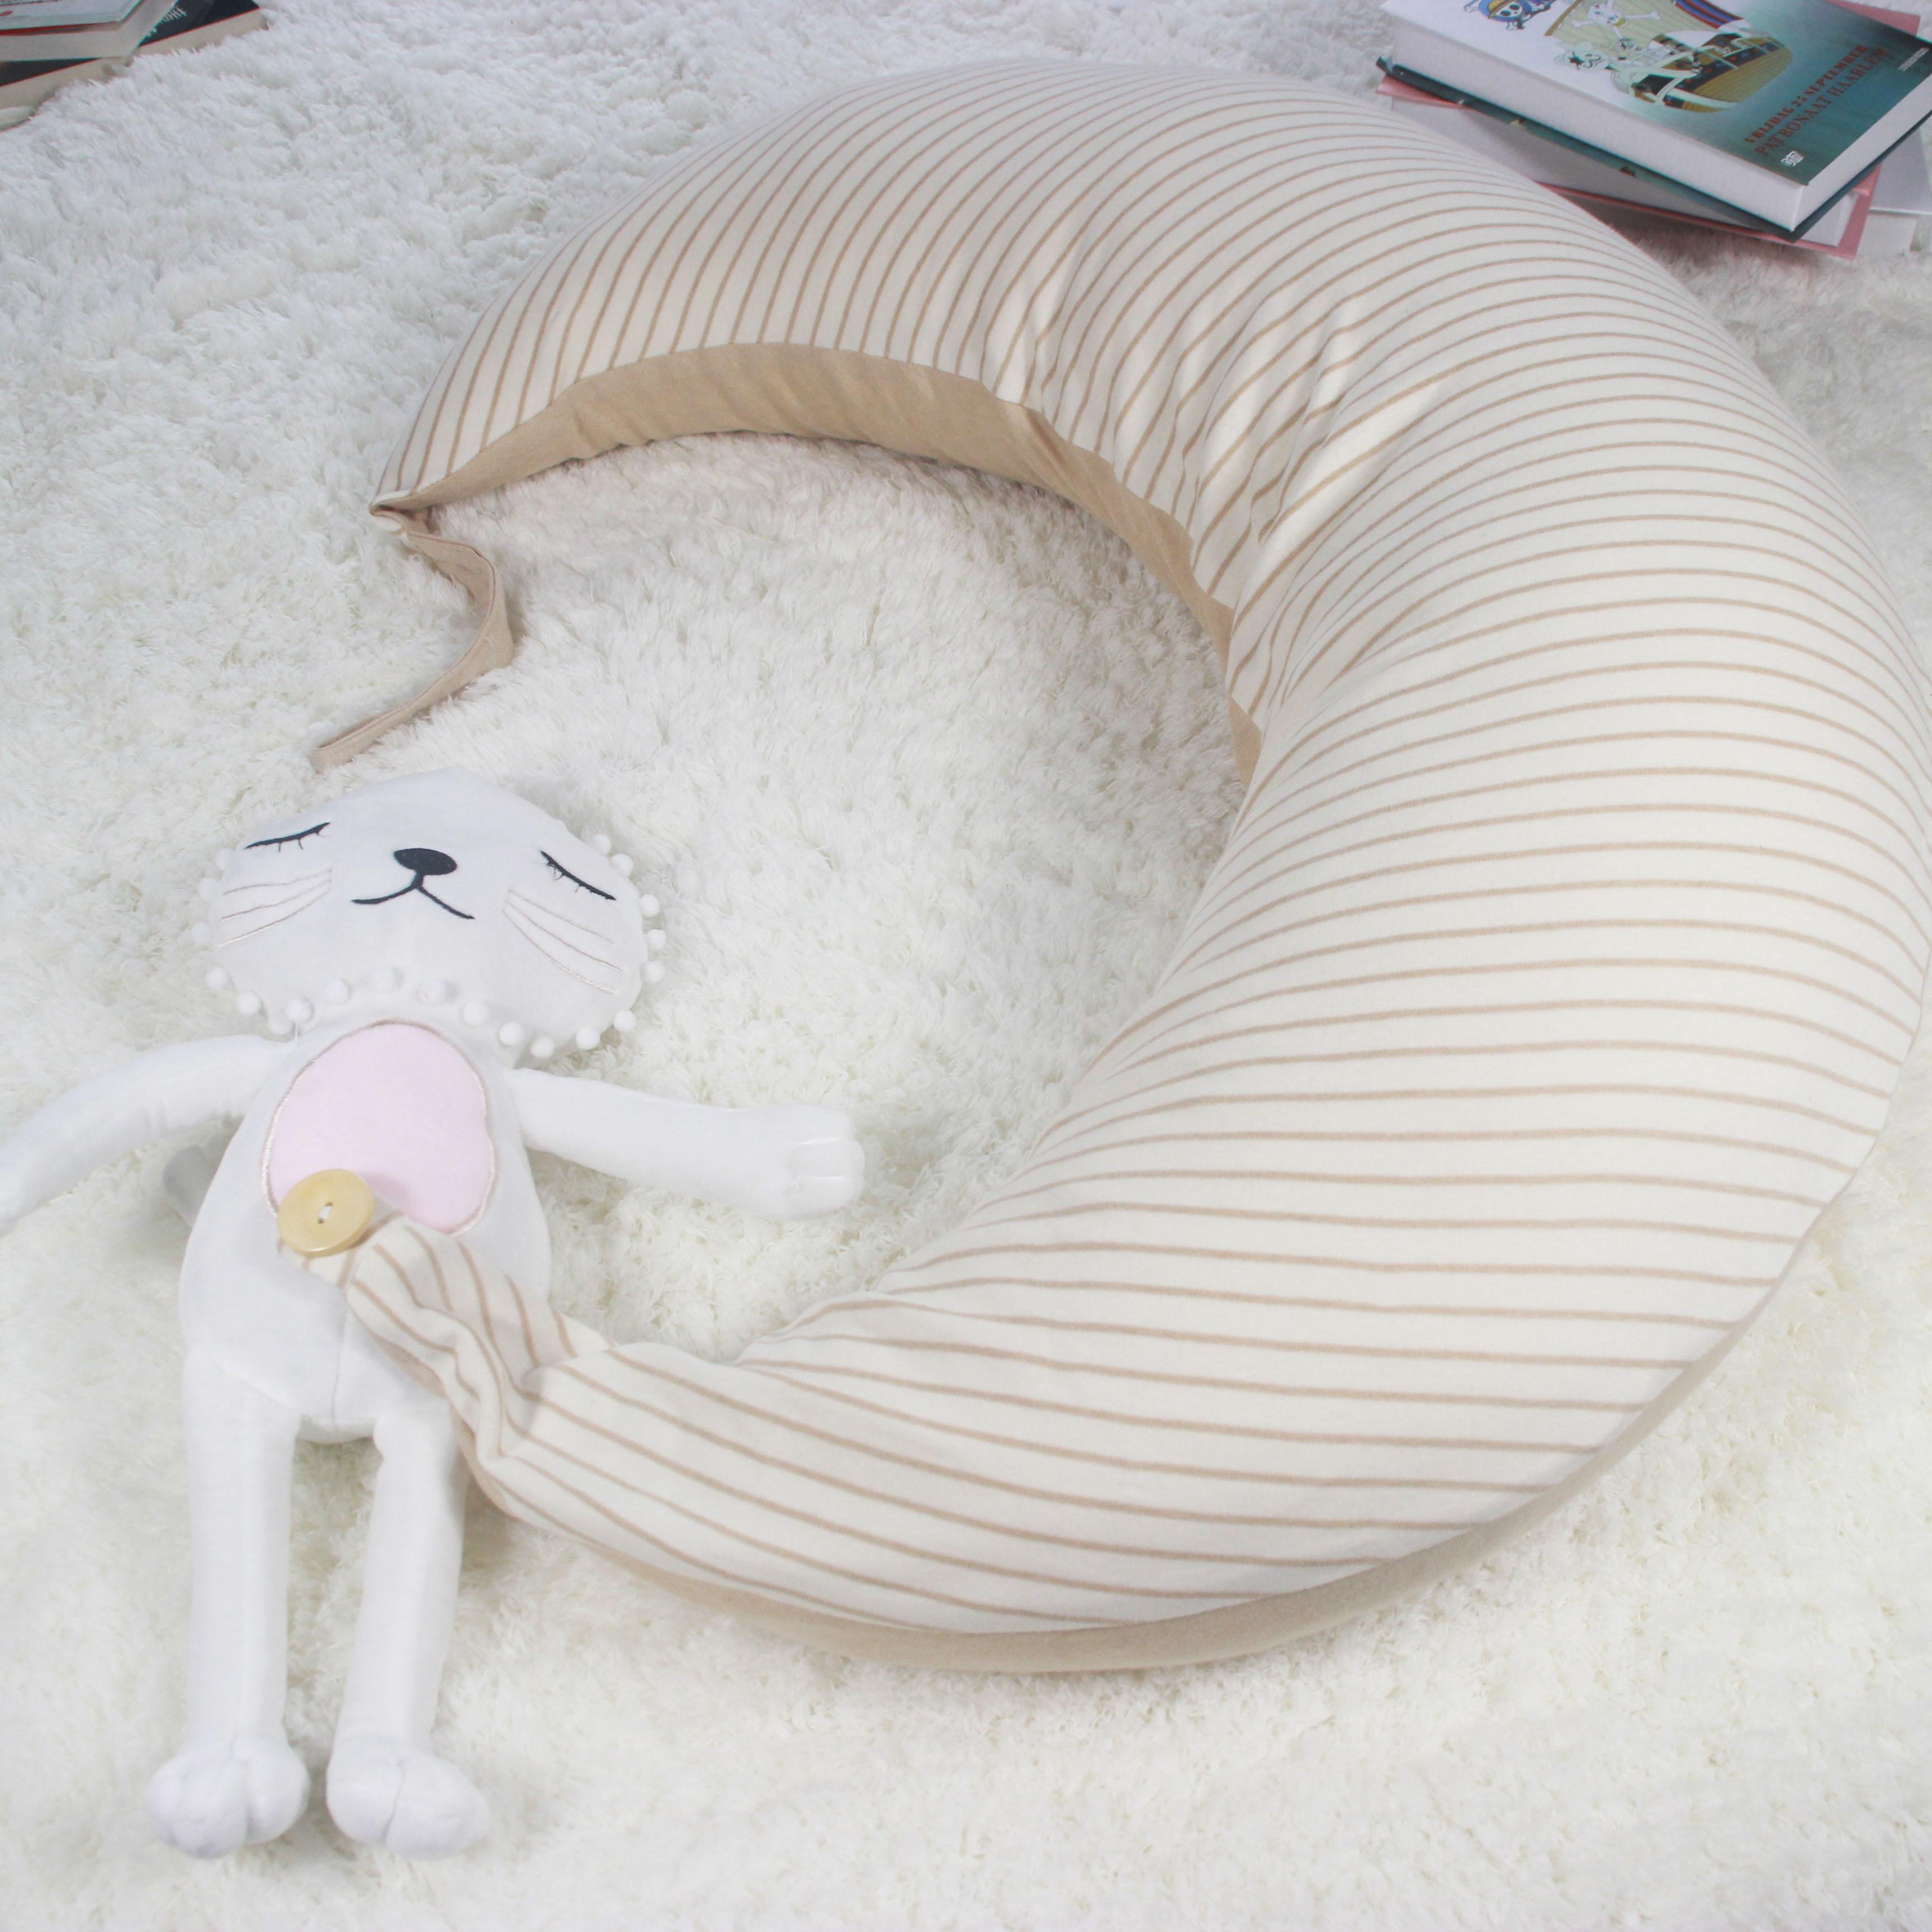 范玮琪同款哺乳枕多功能护腰抱枕新生儿喂奶神器宝宝喂奶枕纯棉冬